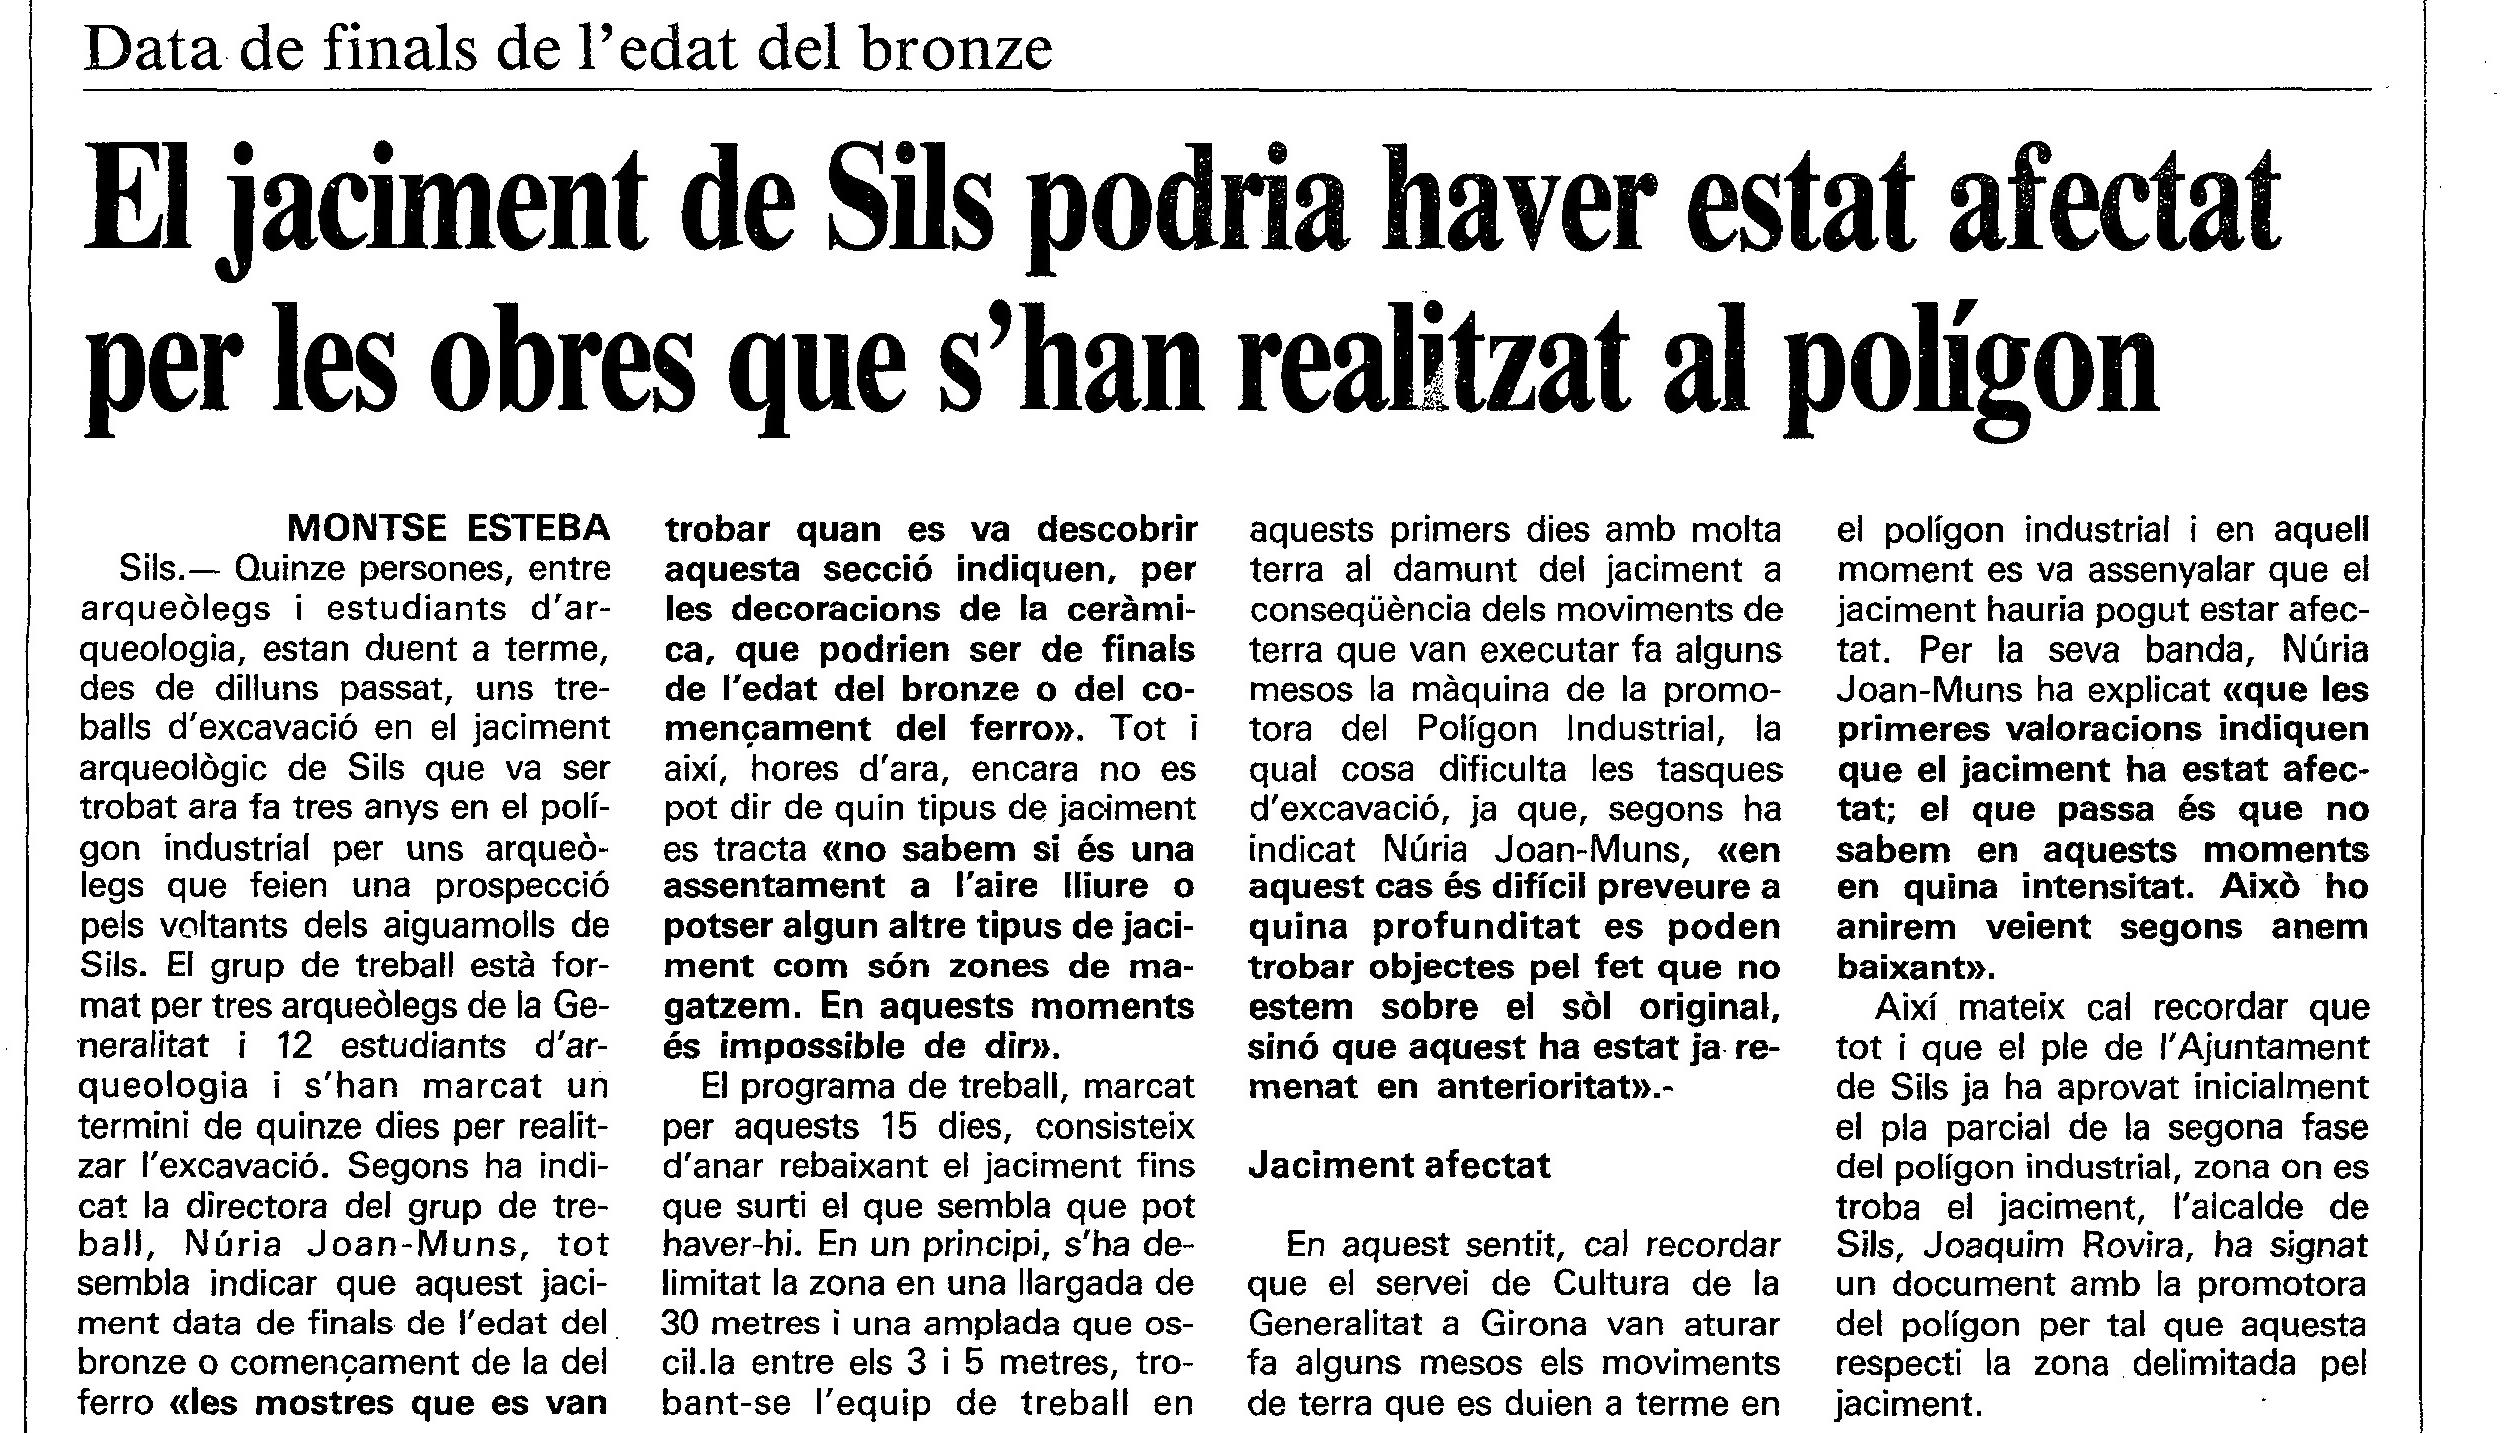 Diari de Girona, 5 juliol 1989